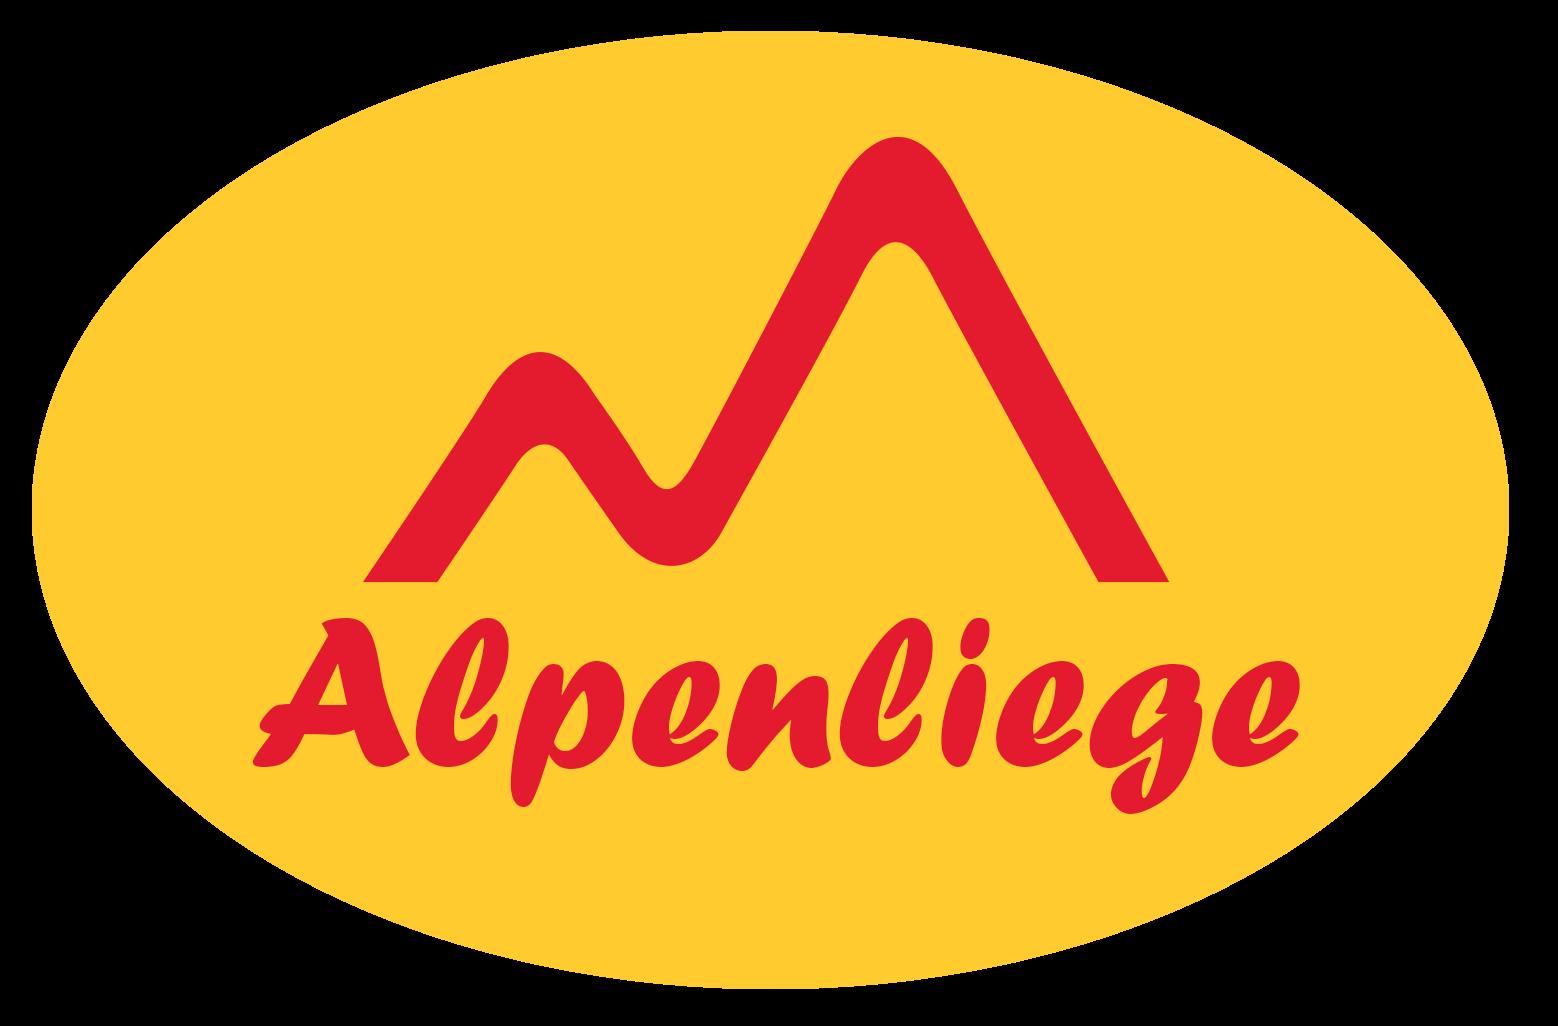 Alpenliege